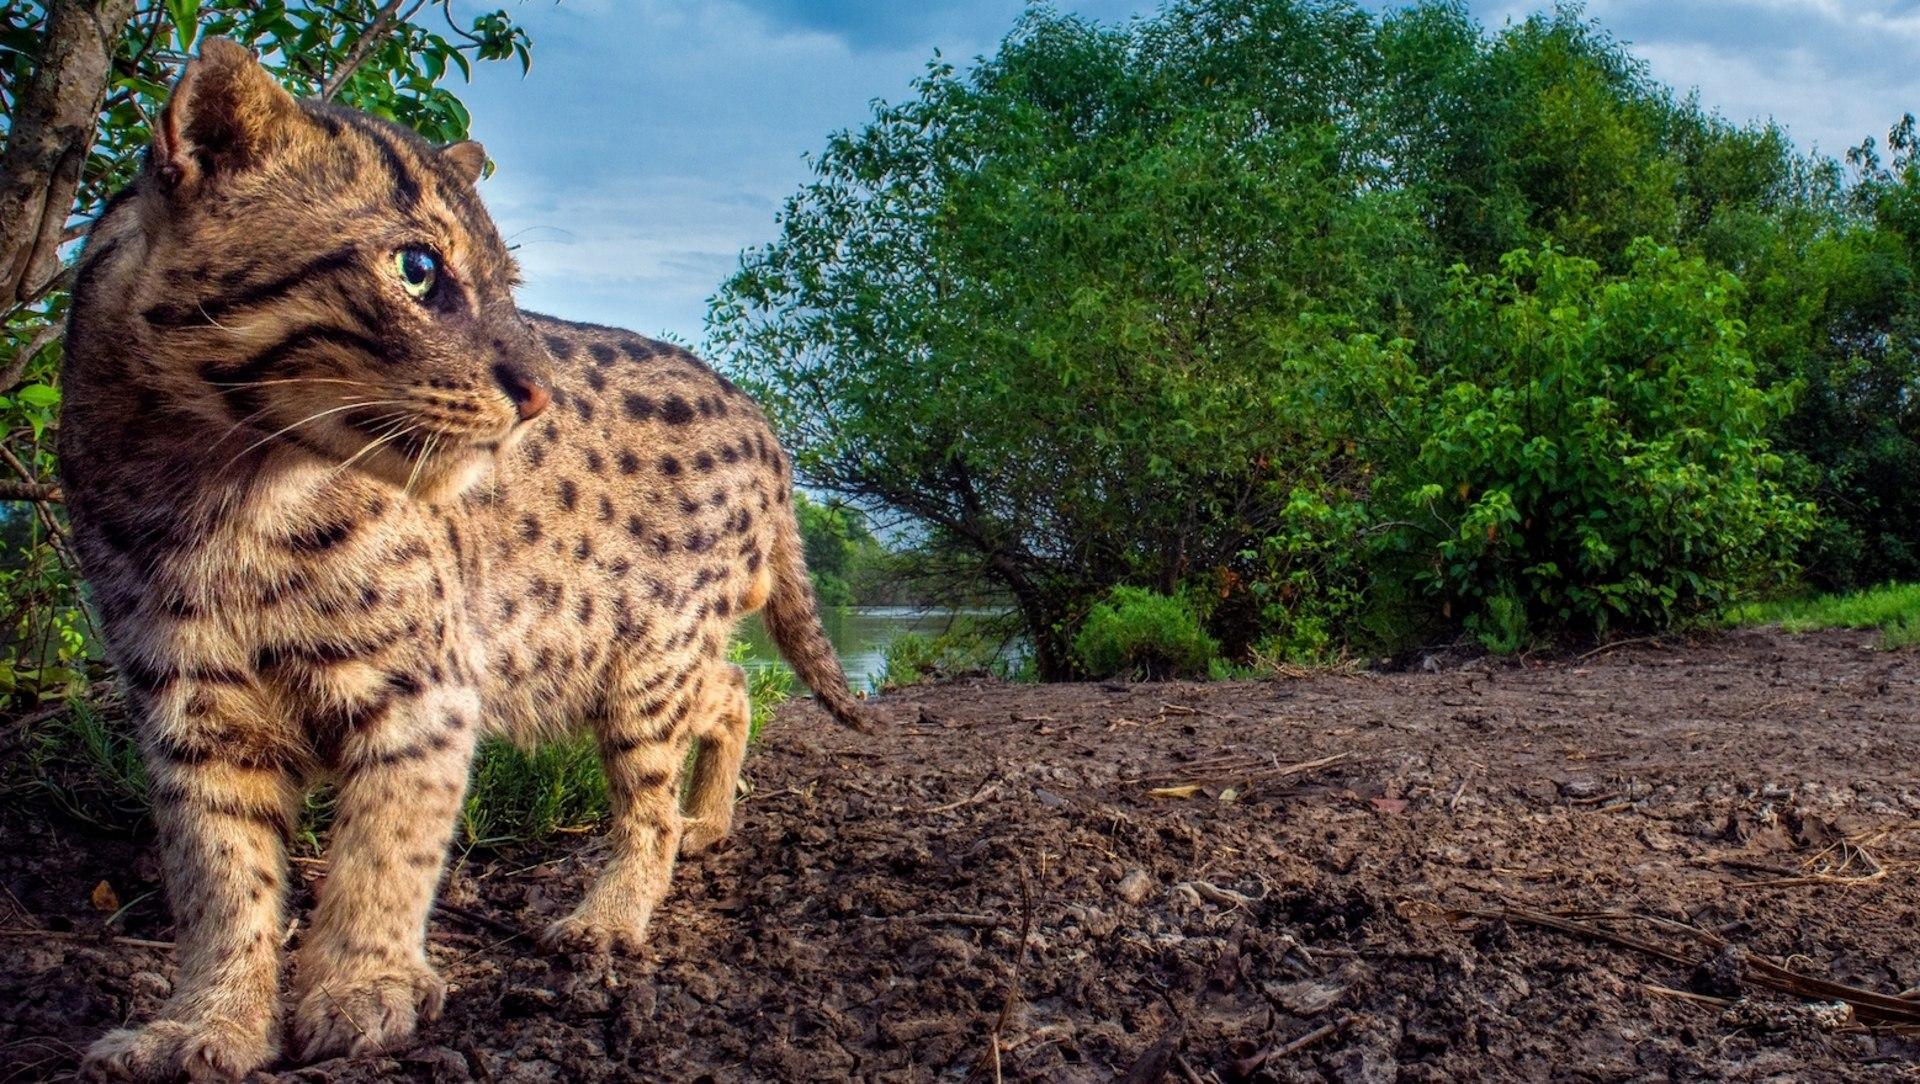 The Fishing Cat in Laxmi's Backyard